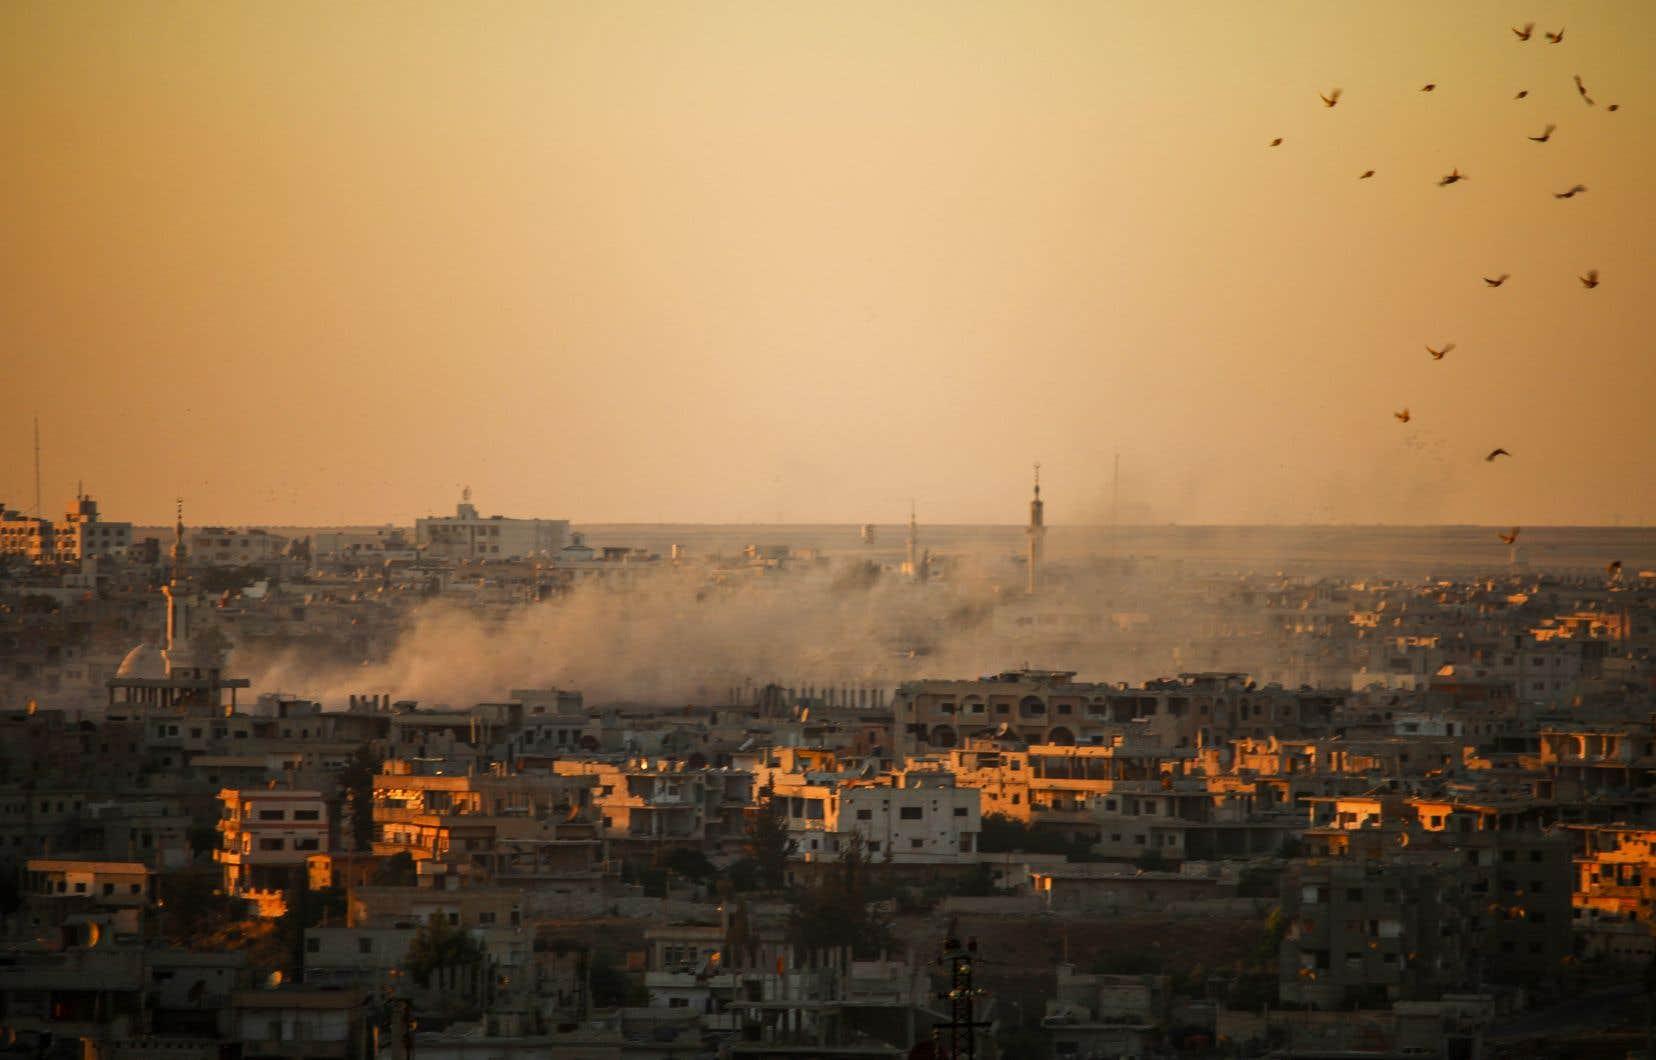 Les forces du régime, soutenues par des frappes russes depuis samedi, ont visé au cours des 48 dernières heures des quartiers de la ville de Deraa, chef-lieu de la province éponyme.